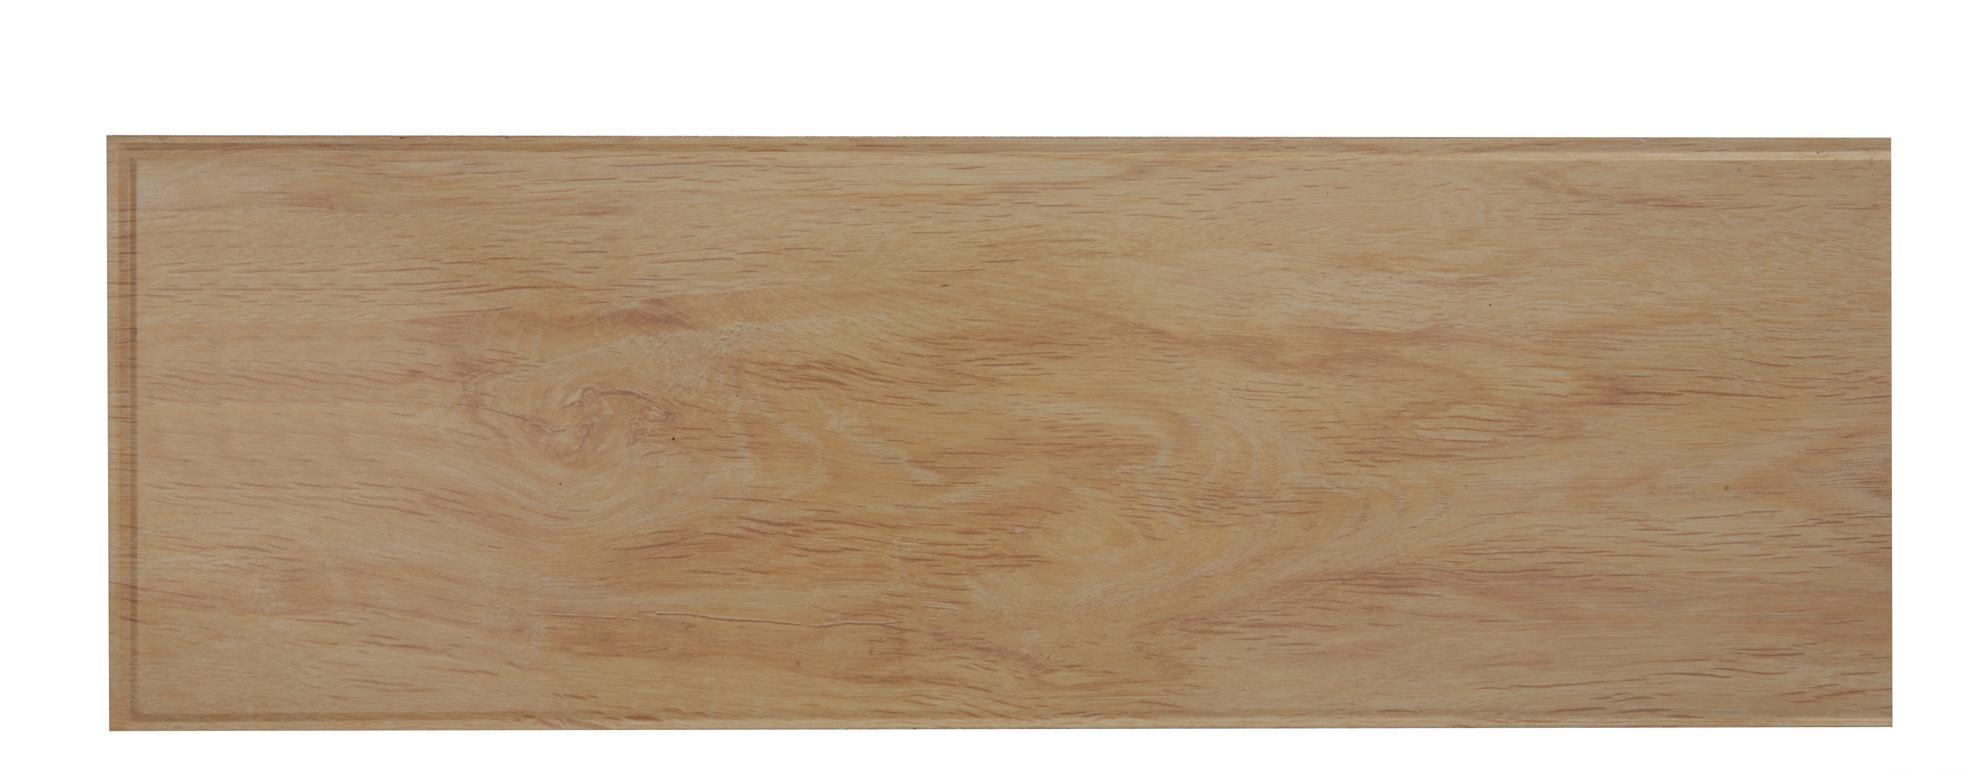 新绿洲白蜡木X-1007强化复合地板白蜡木X-1007